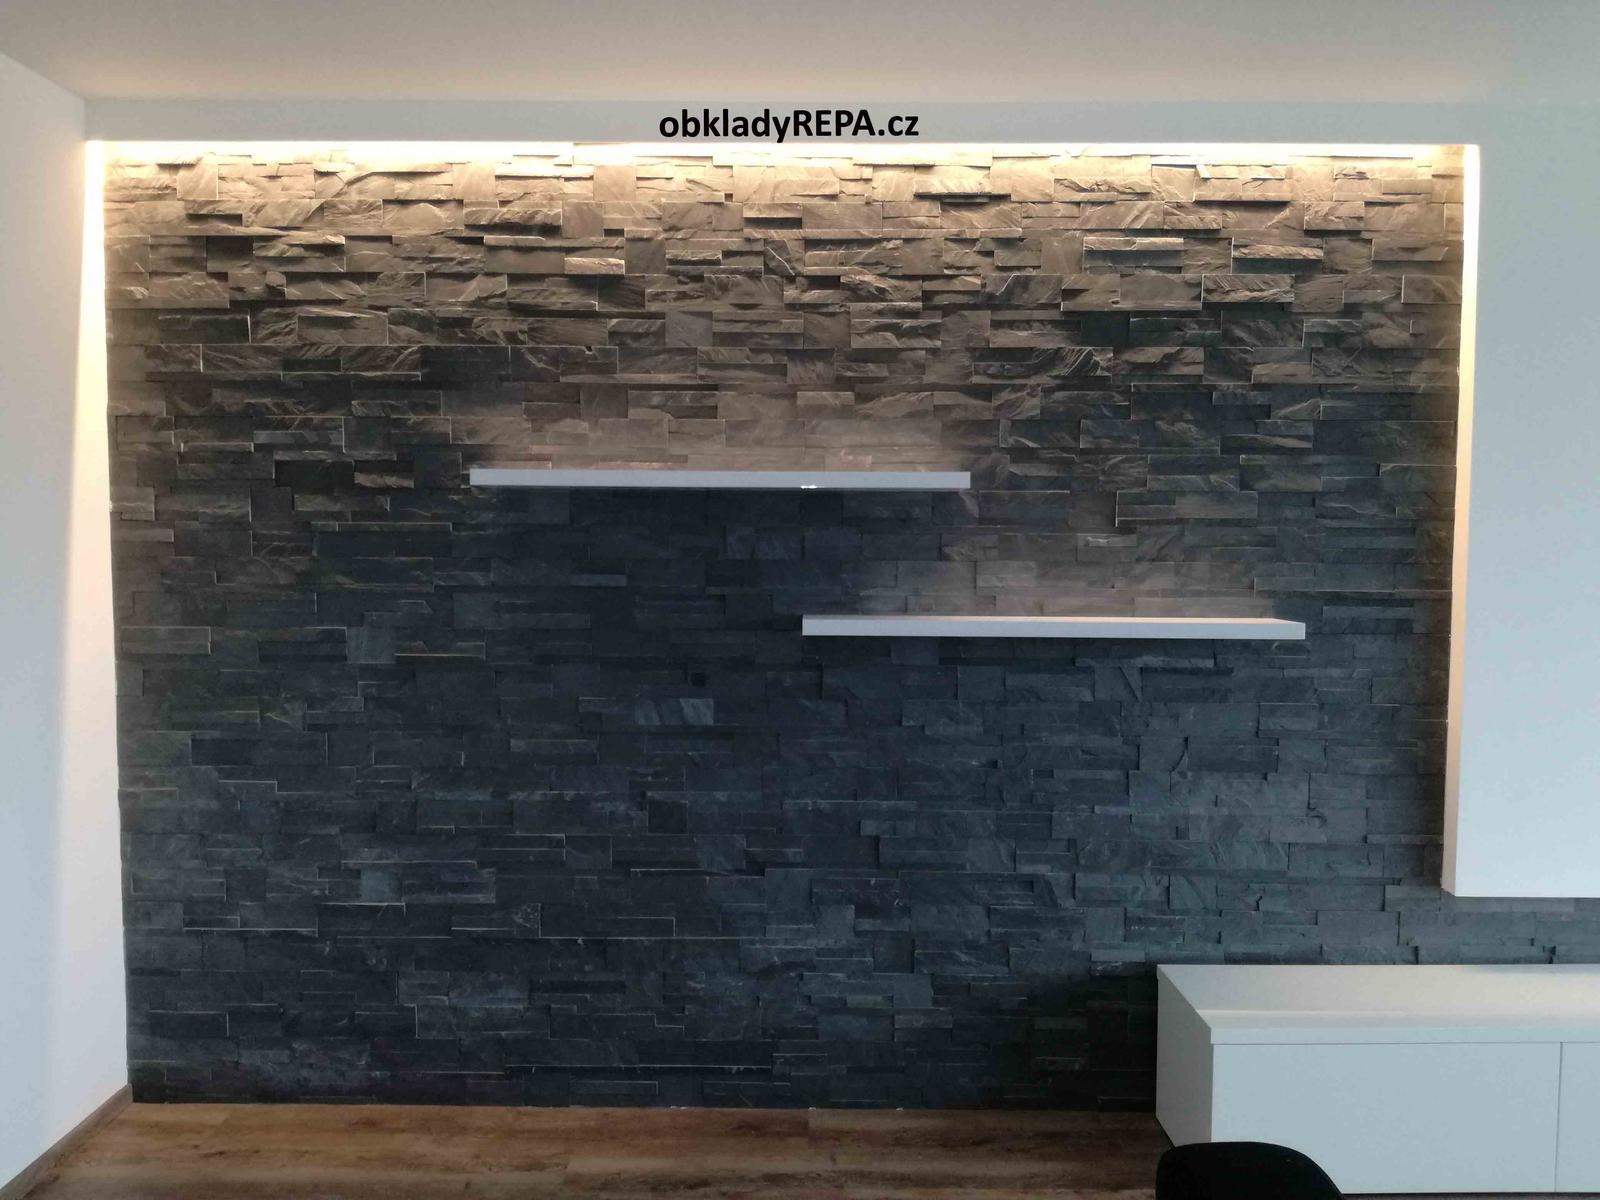 obkladyrepa - Černá břidlice - obklad vnitřní stěny